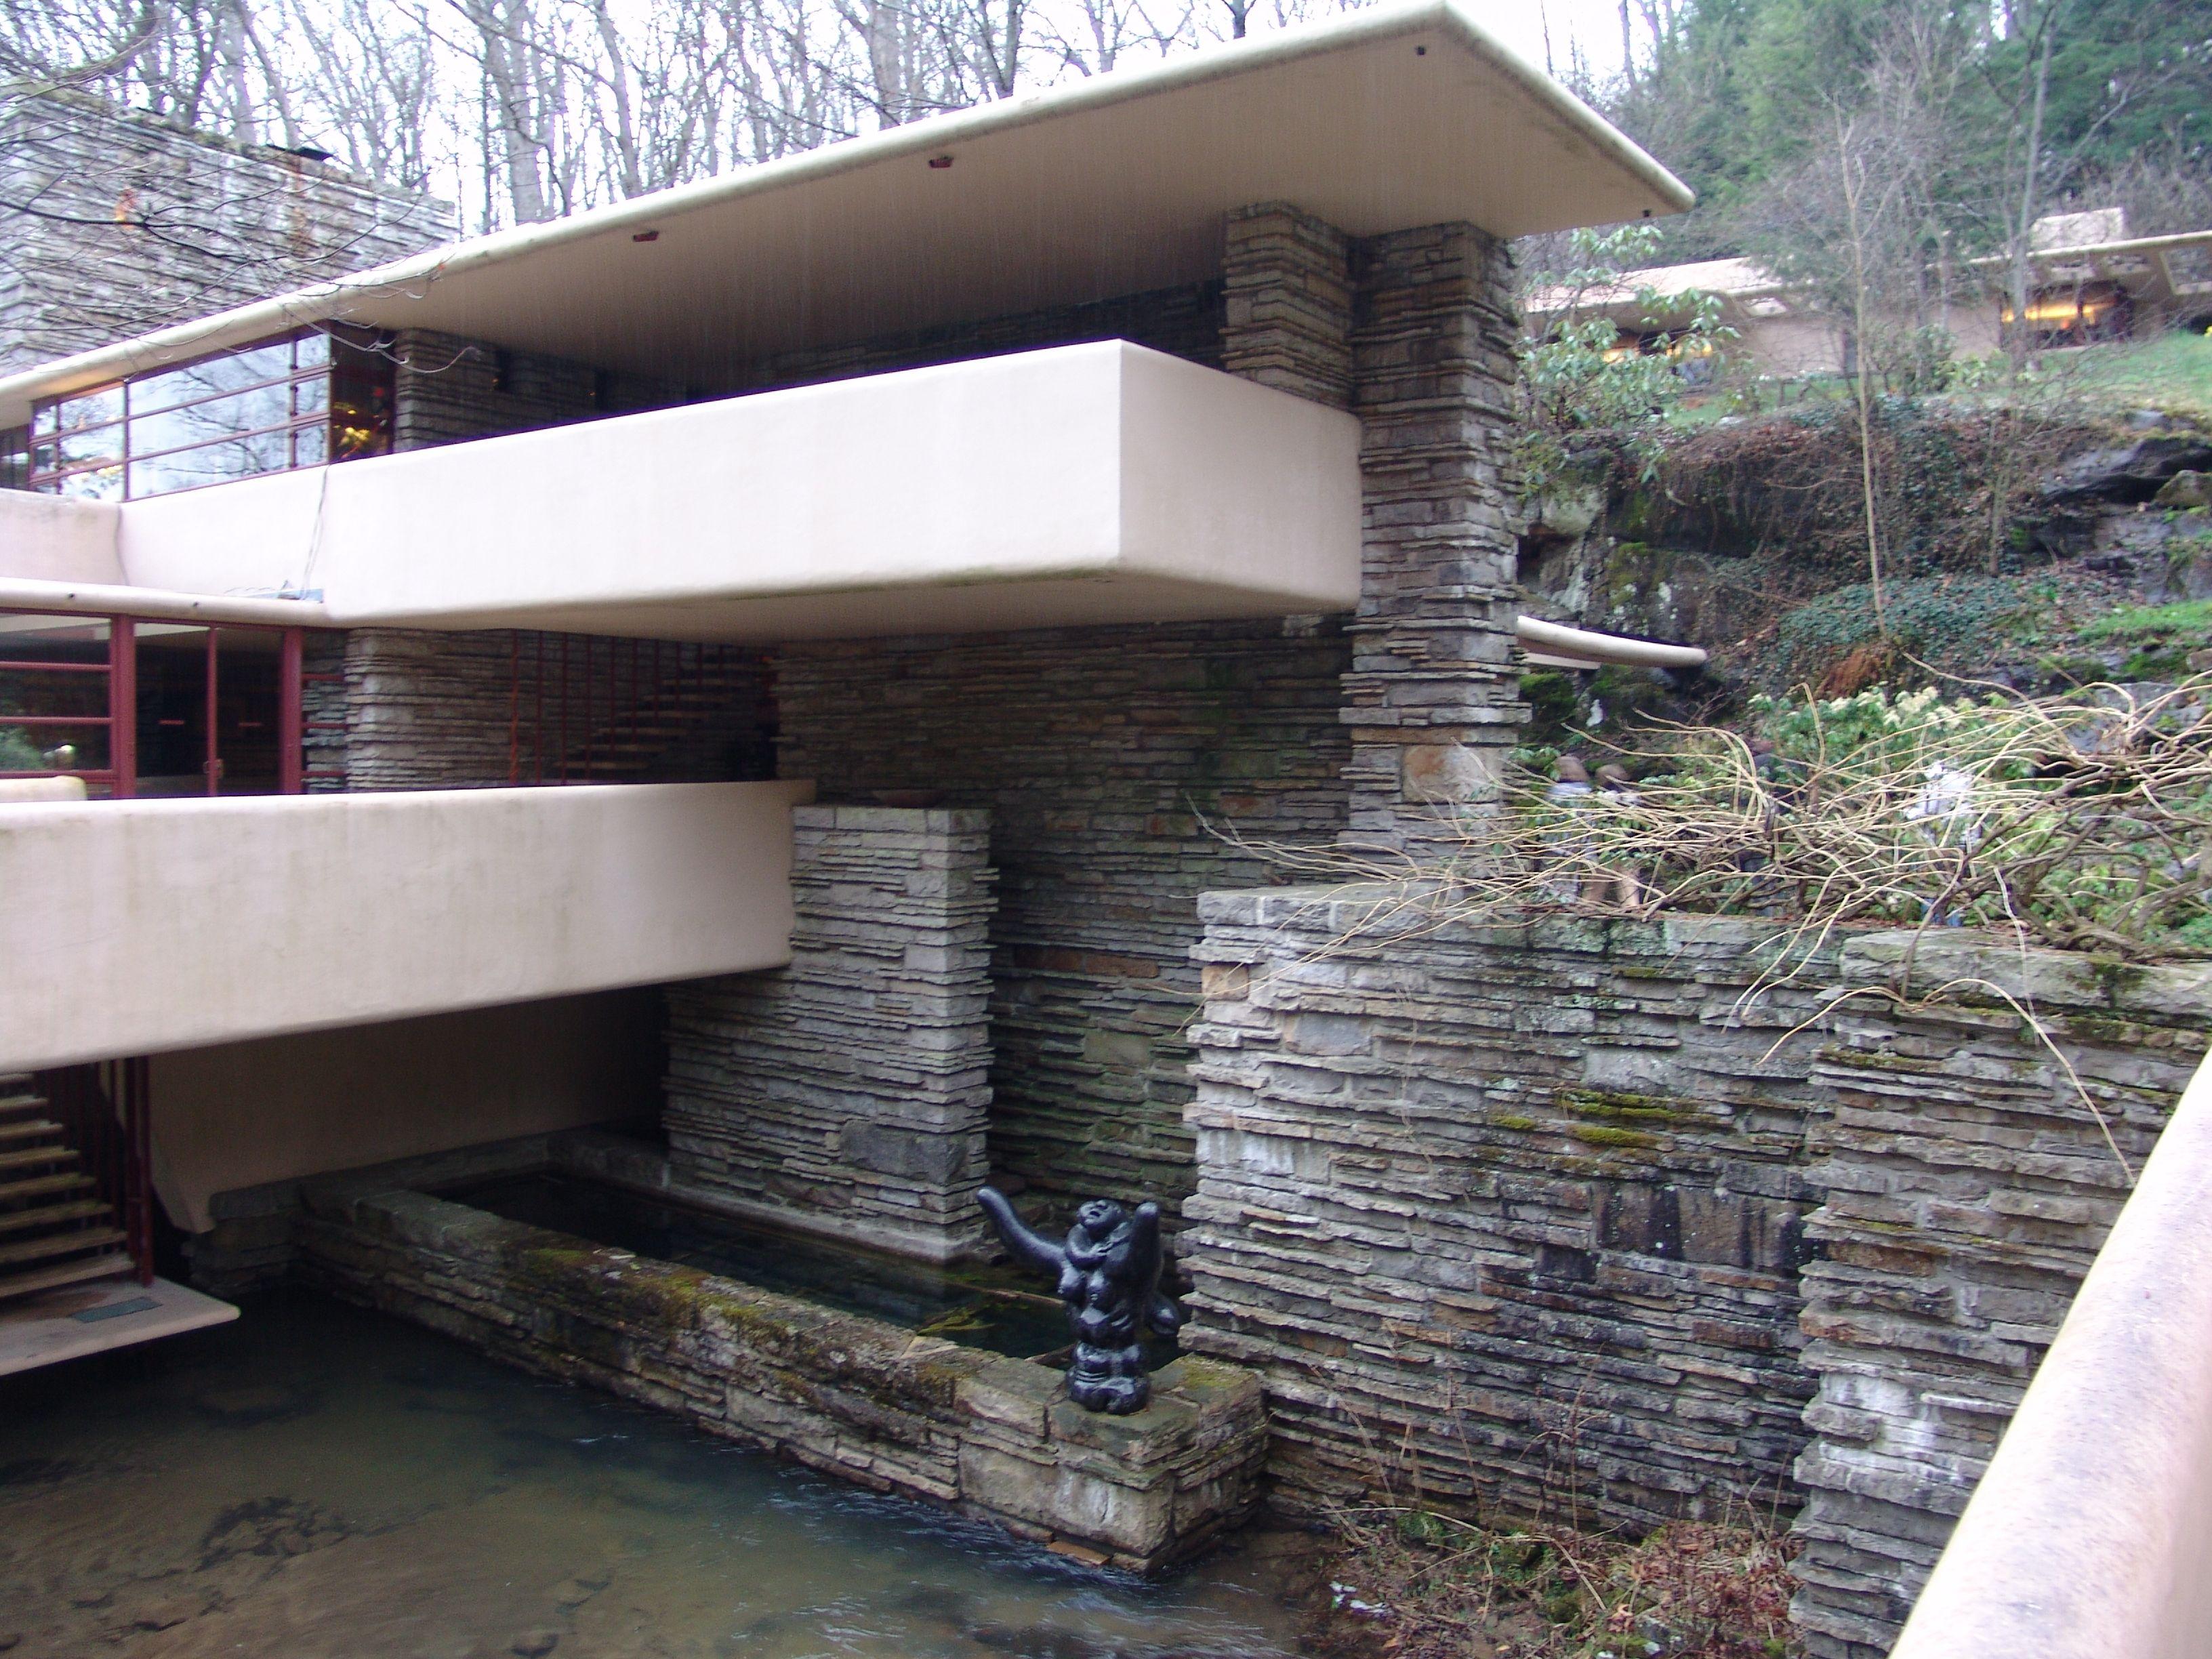 Explorez maison de leau et plus encore pin fallingwater by frank lloyd wright